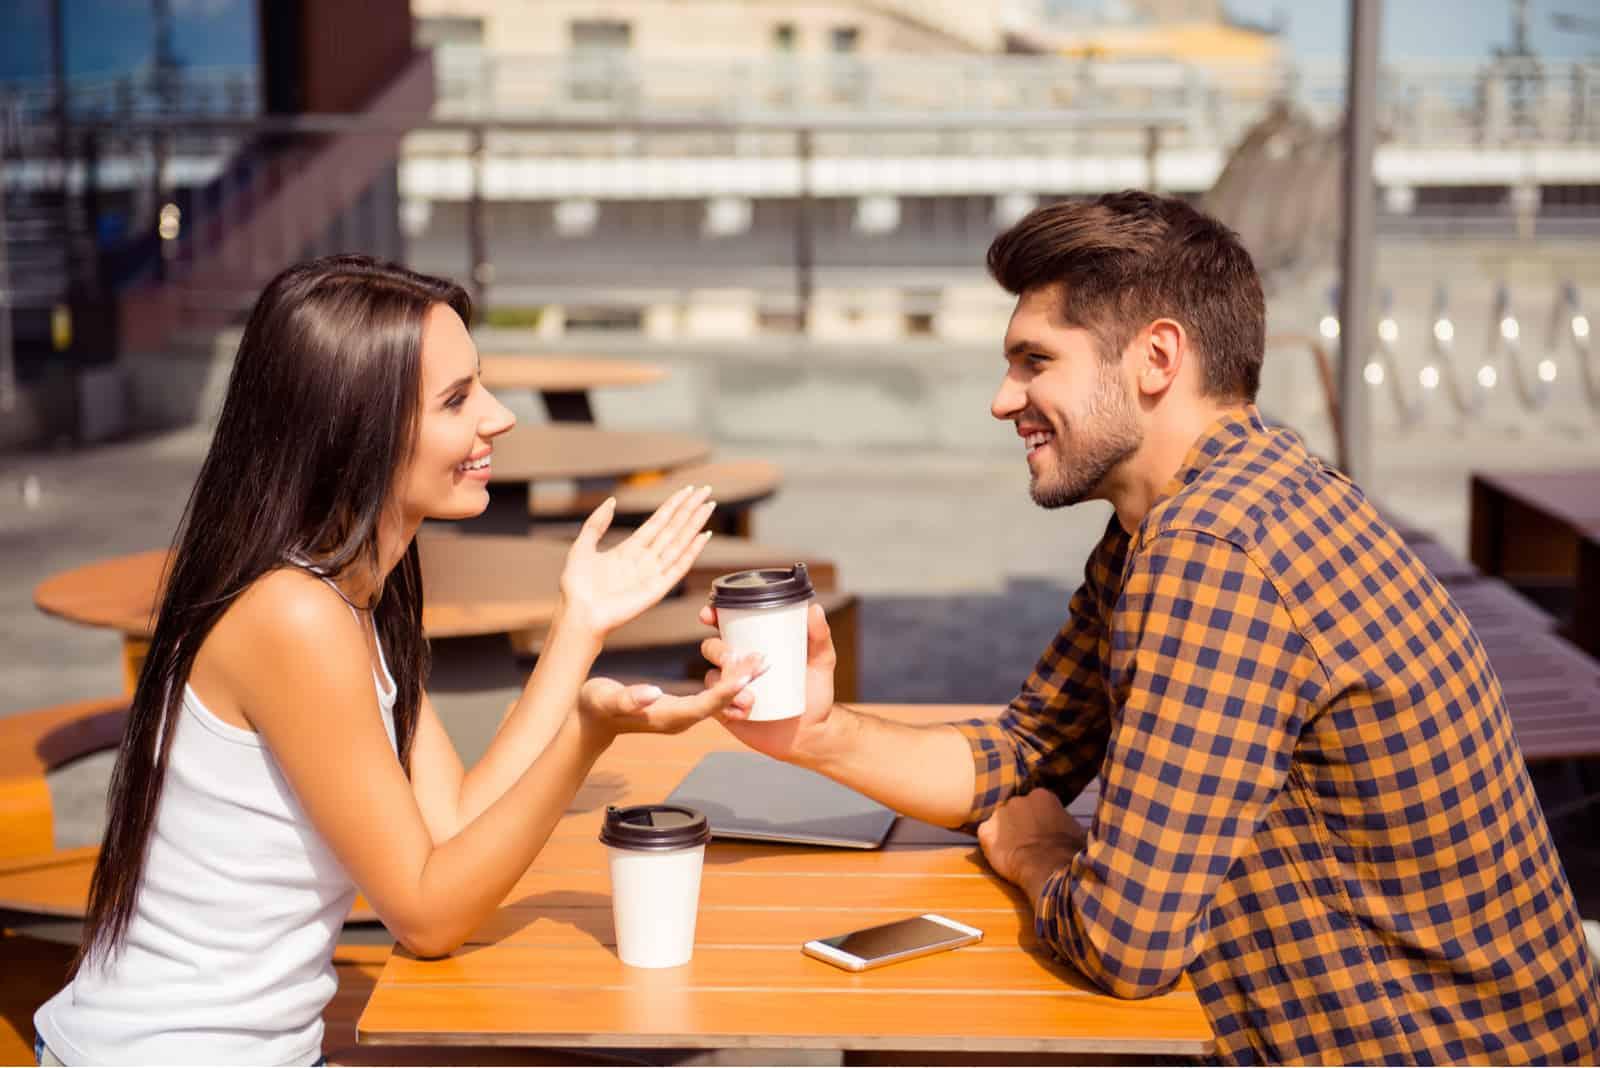 un couple amoureux s'assoit l'un en face de l'autre et parle